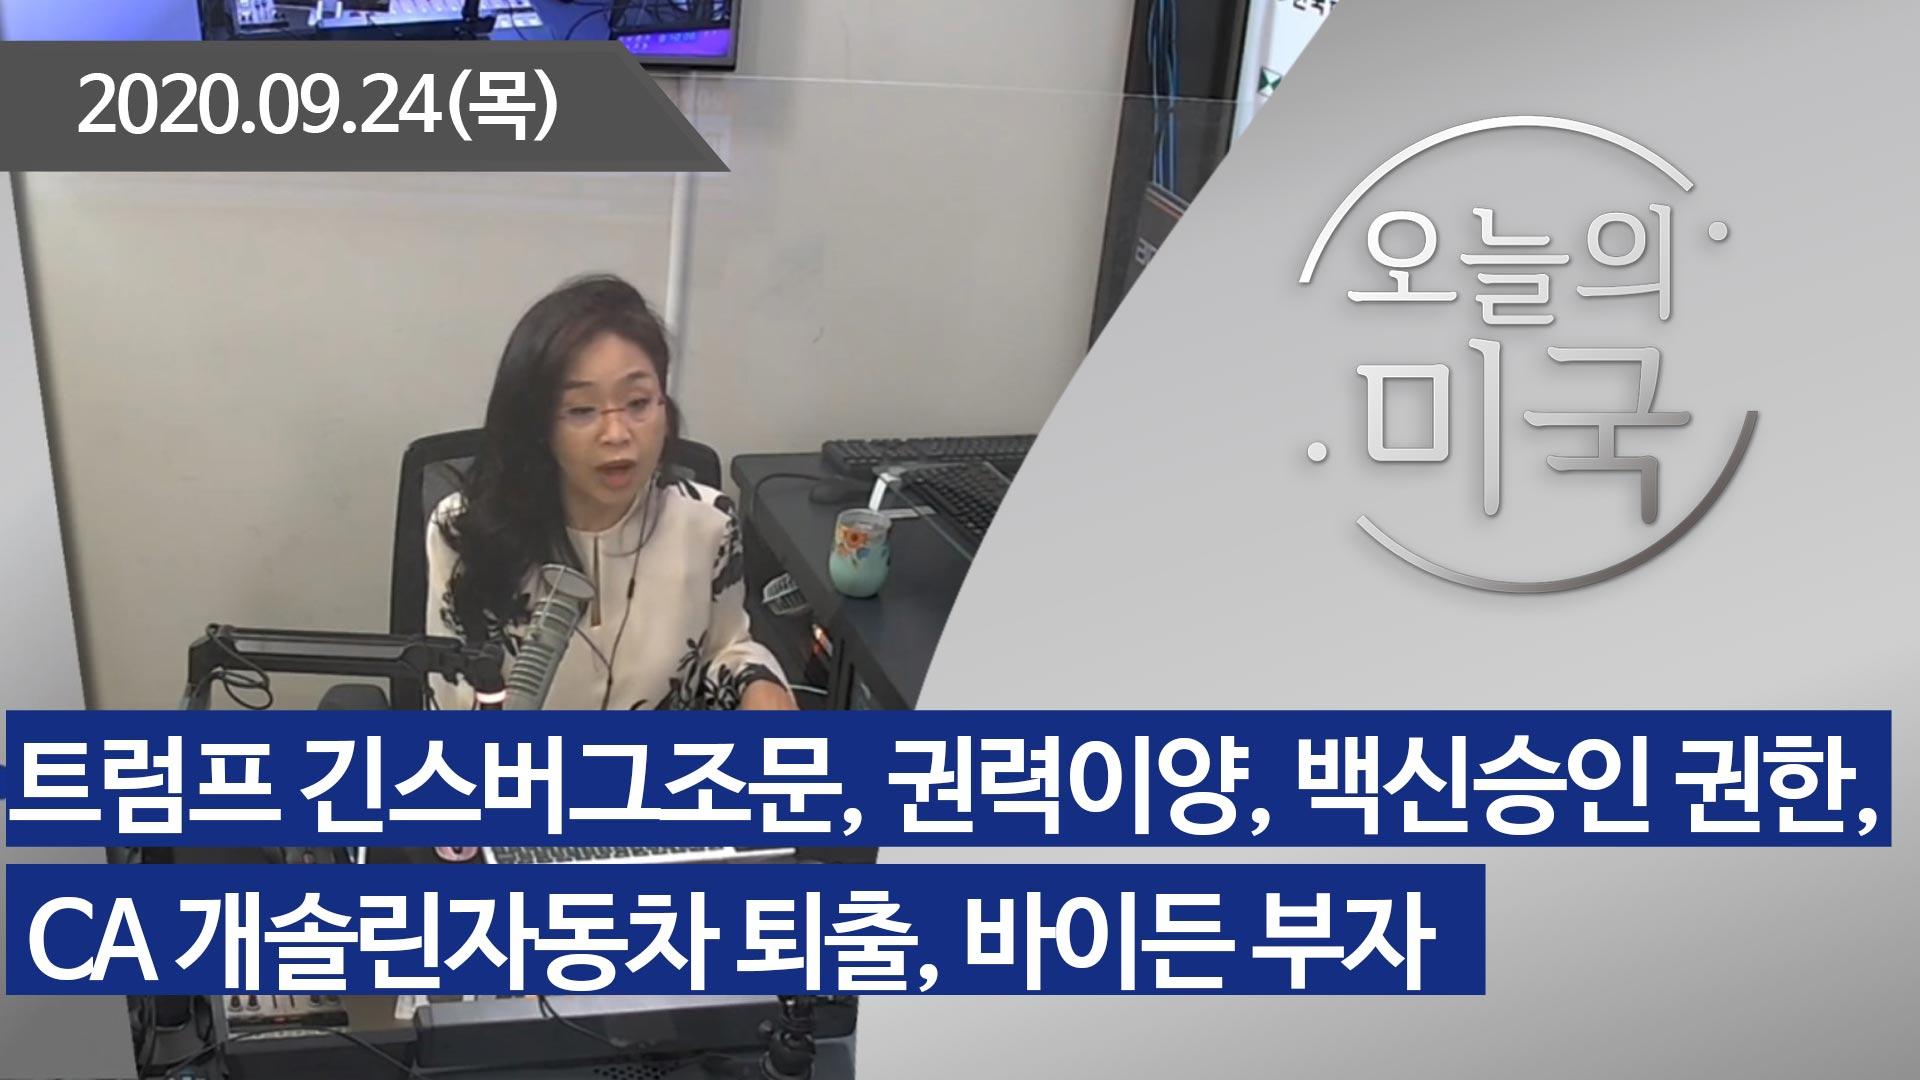 강혜신의 오늘의 미국 (09.24.2020)